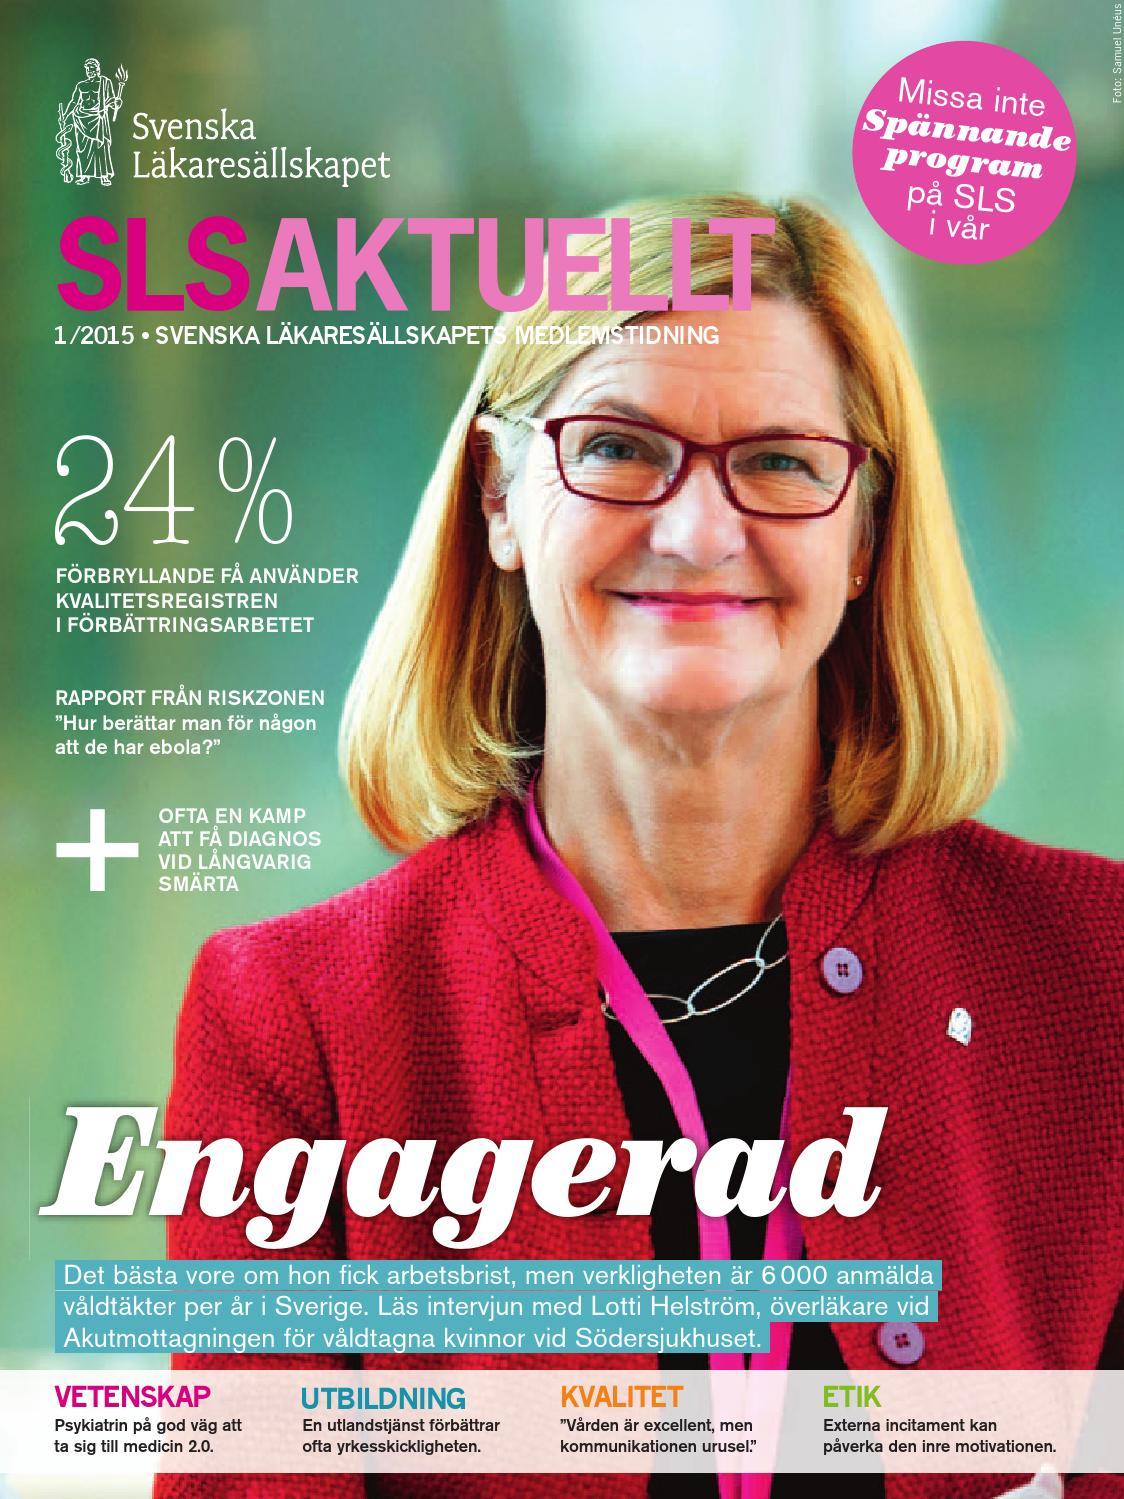 SLS Aktuellt 1 2015 by InPress - issuu 5311ebdfa9359